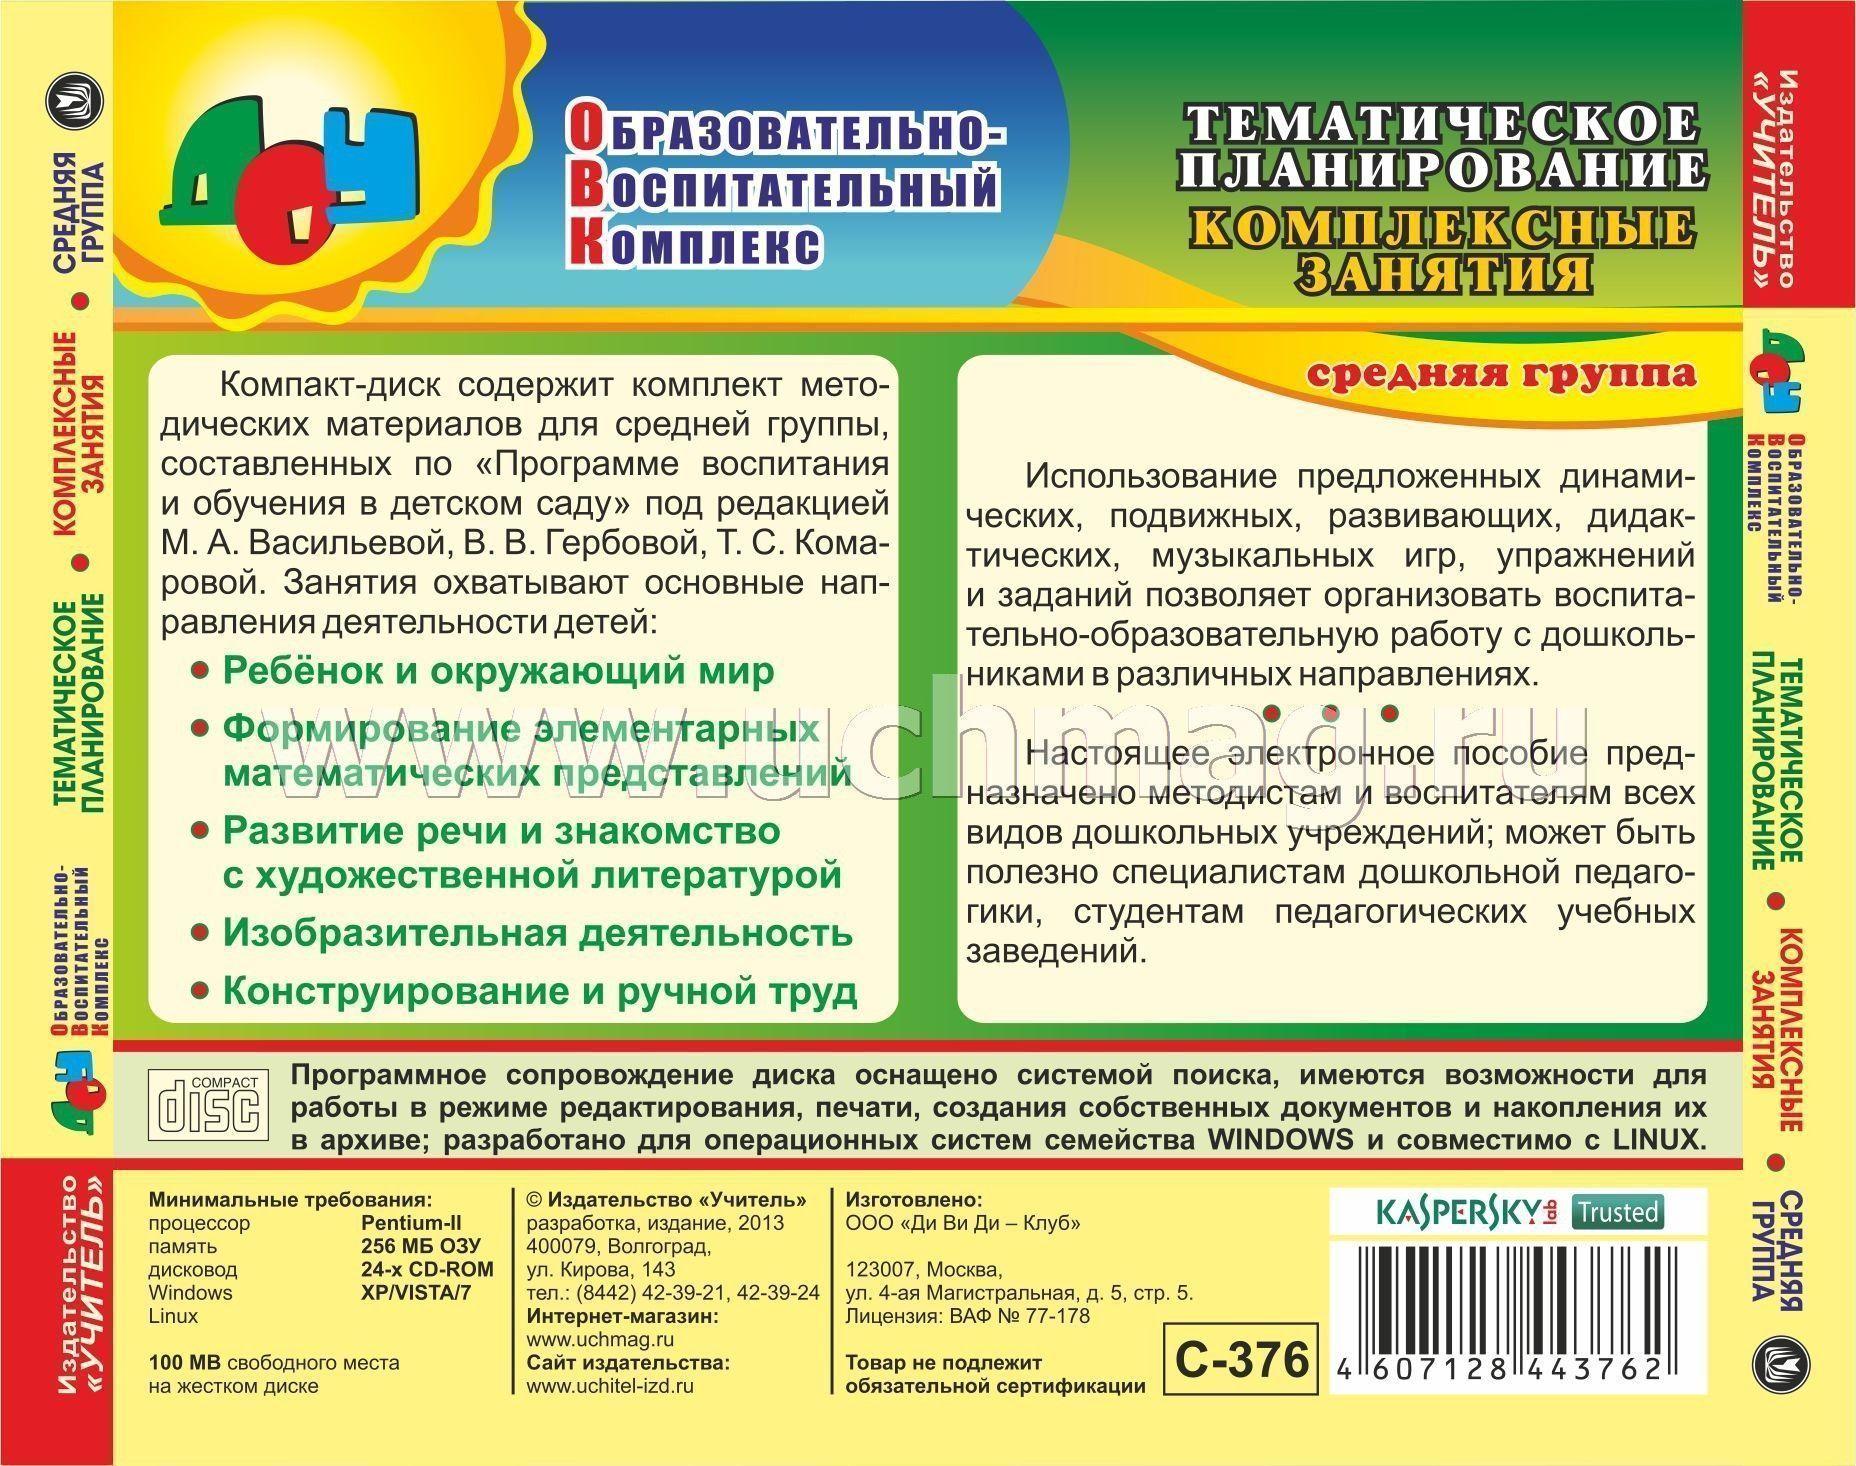 Ставропольская краевая клиническая поликлиника